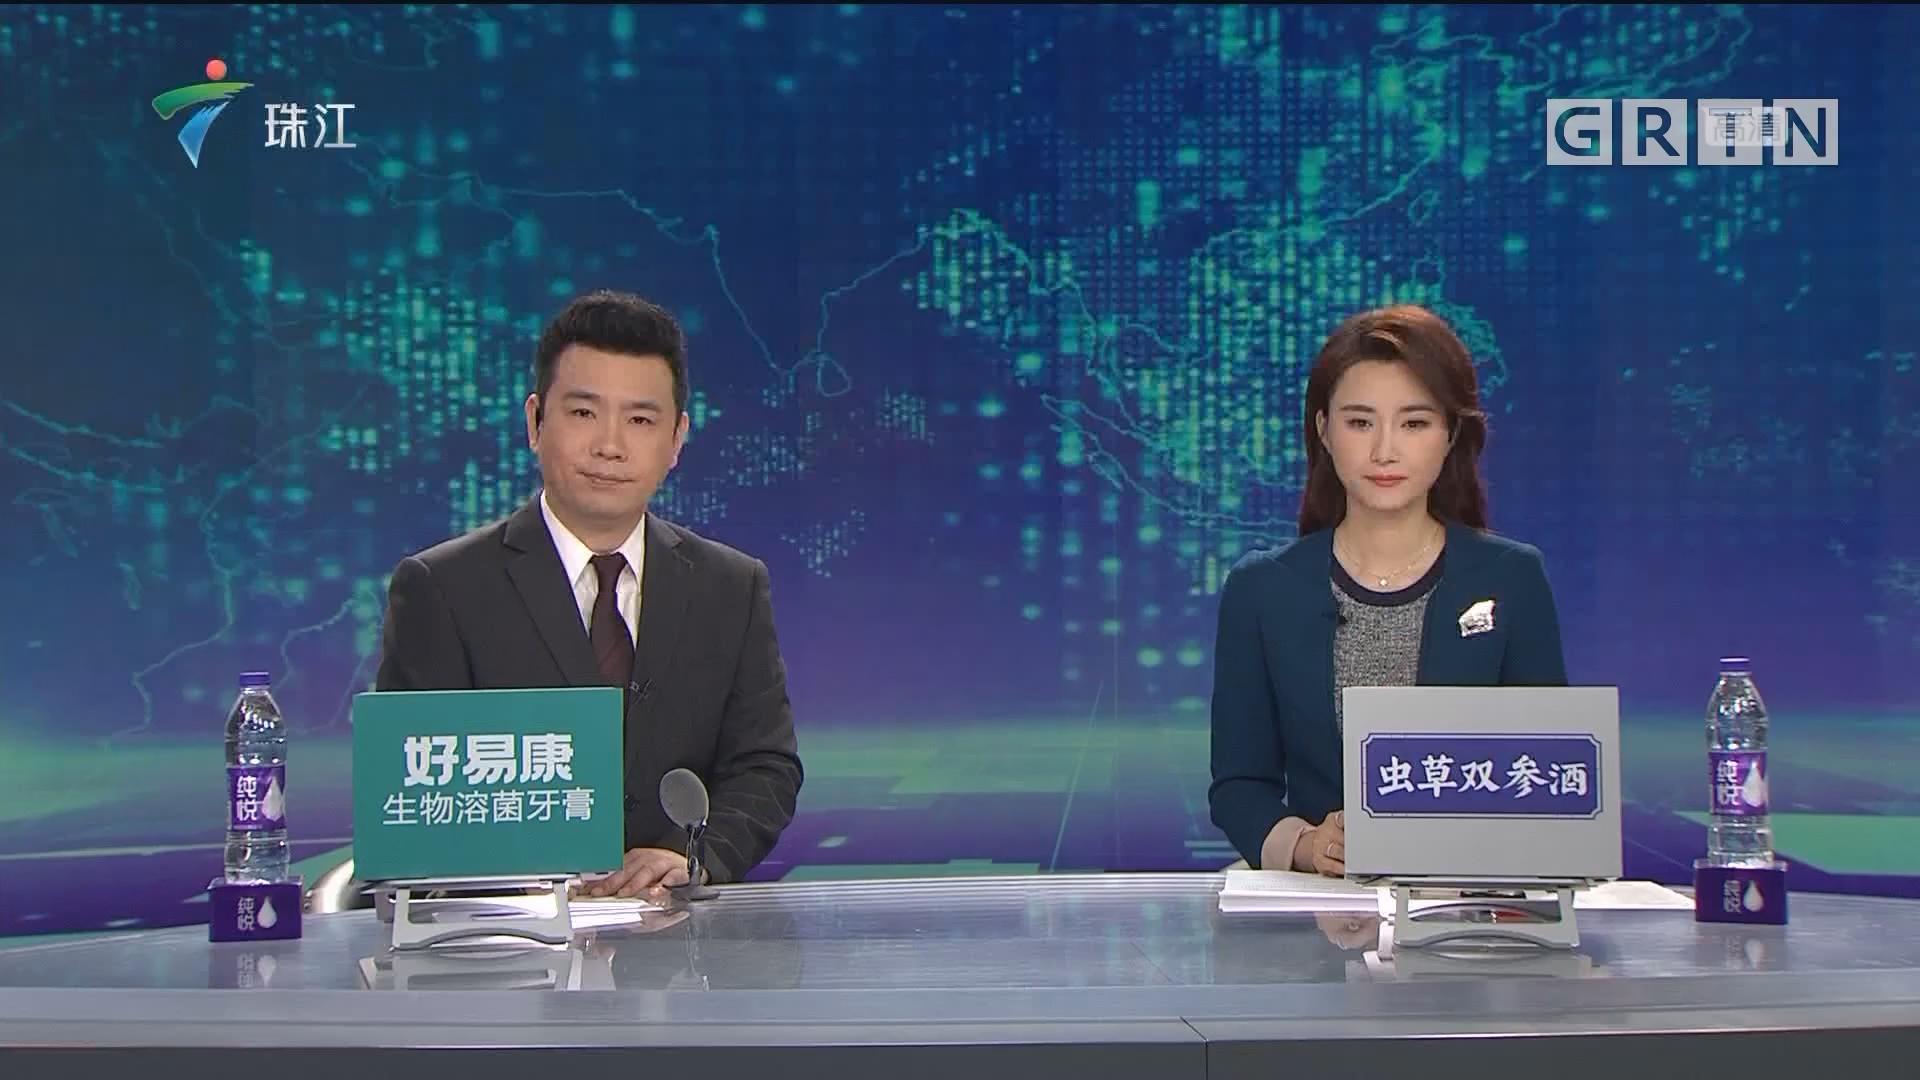 [HD][2019-07-15]珠江新聞眼:高水平大學深受考生青睞 投檔分數高